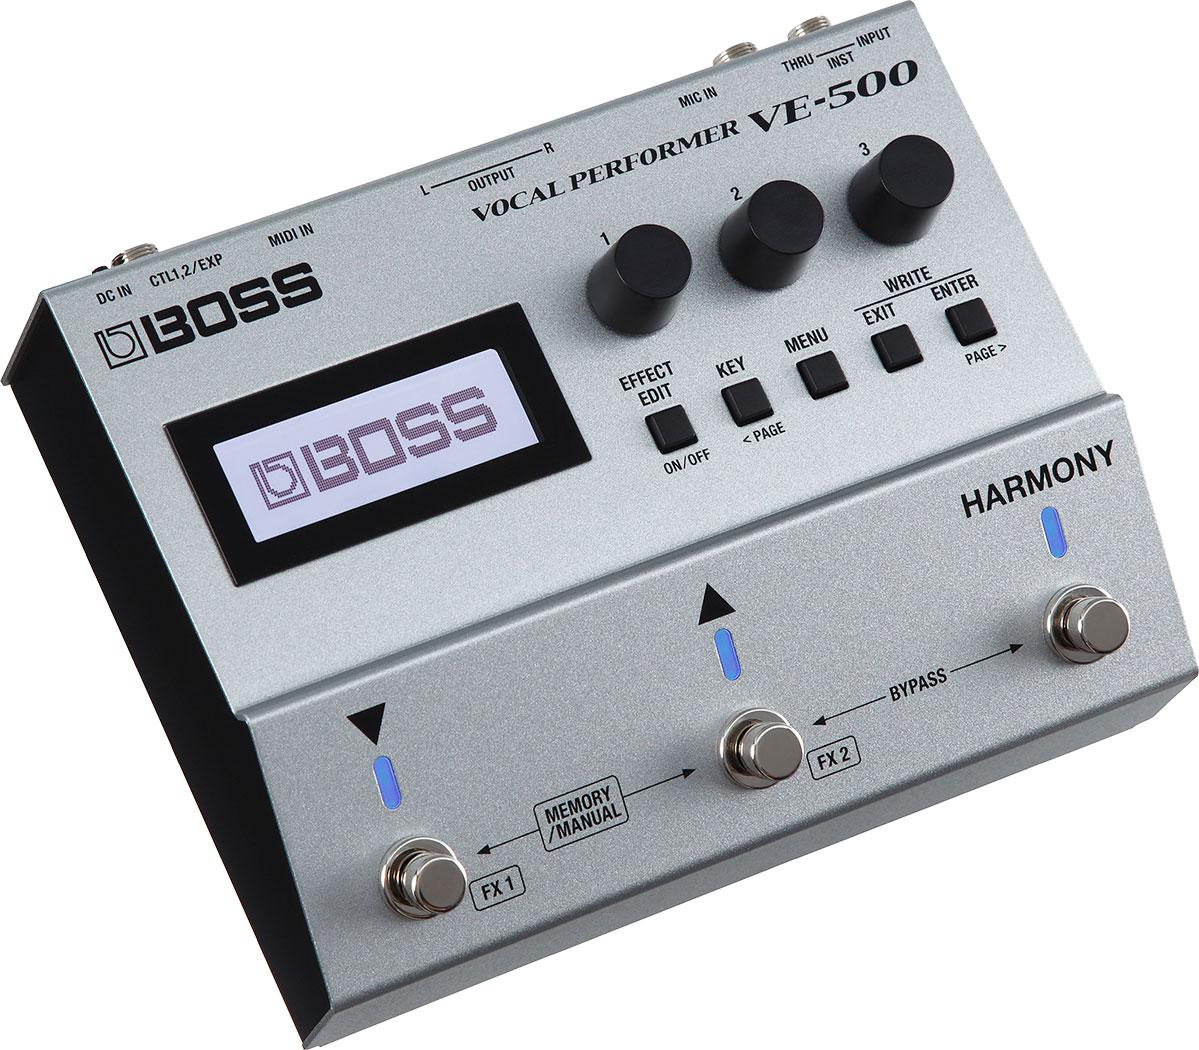 BOSS - VE-500 | Vocal Performer